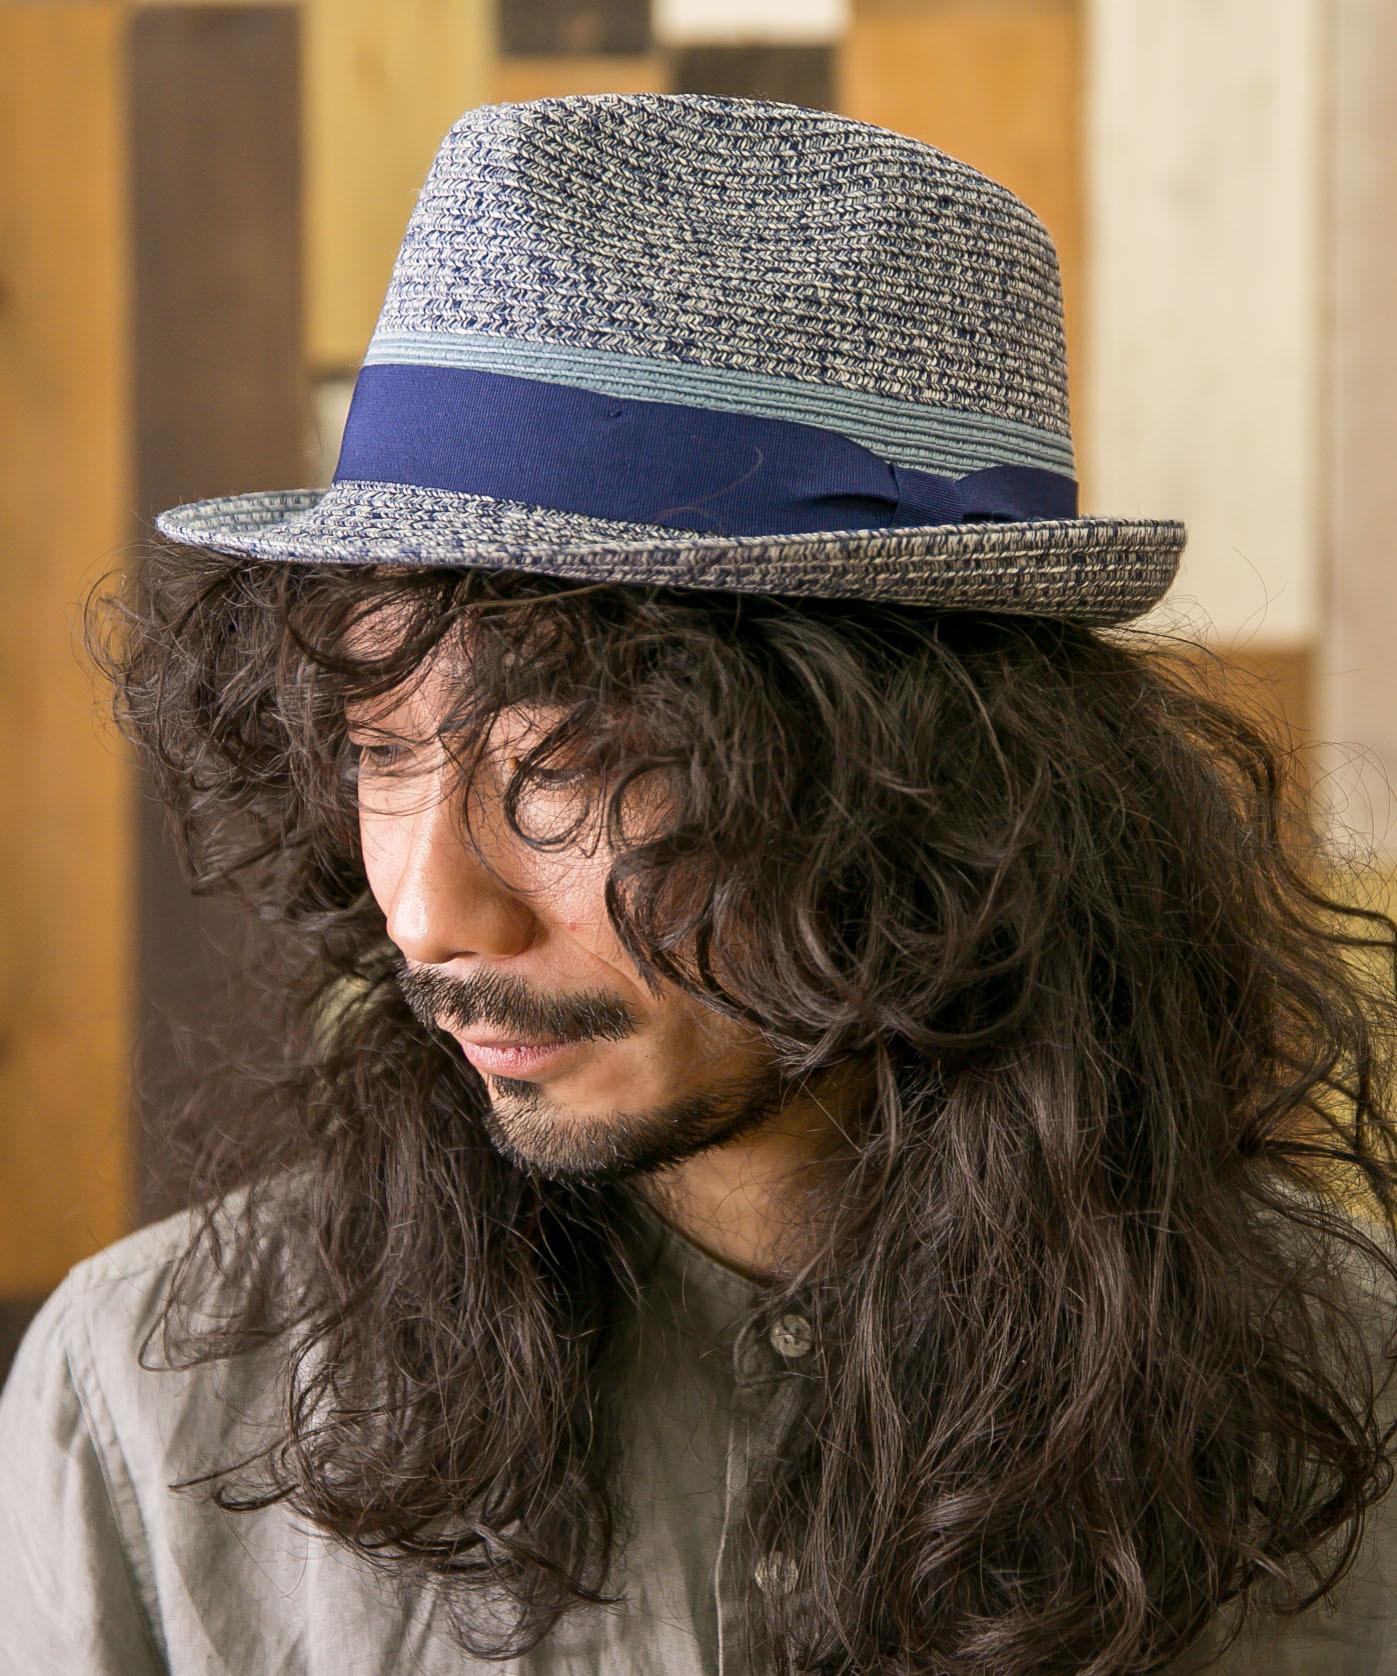 BRAID HAT SENBOW XL 【ブレードハットセンボウ XLサイズ】